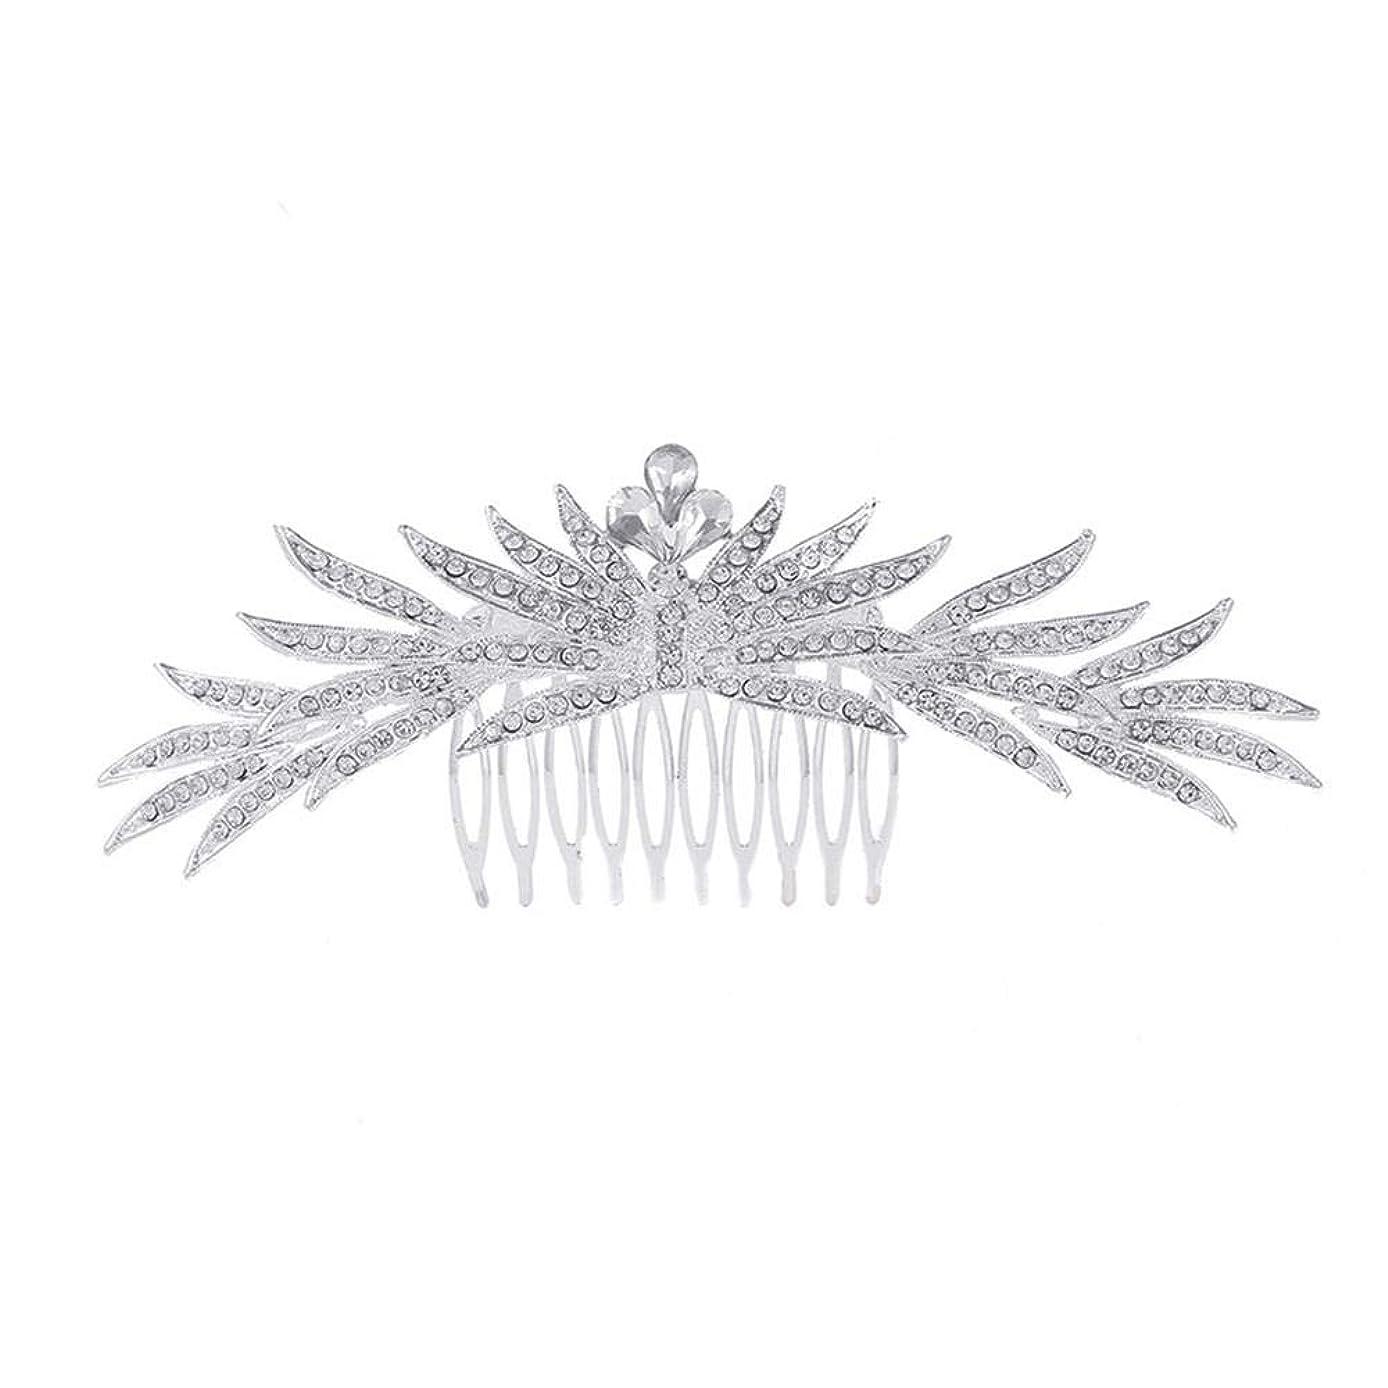 ピンチサロンヘルパー髪の櫛の櫛の櫛花嫁の髪の櫛ラインストーンの櫛亜鉛合金ブライダルヘッドドレス結婚式のアクセサリー挿入櫛